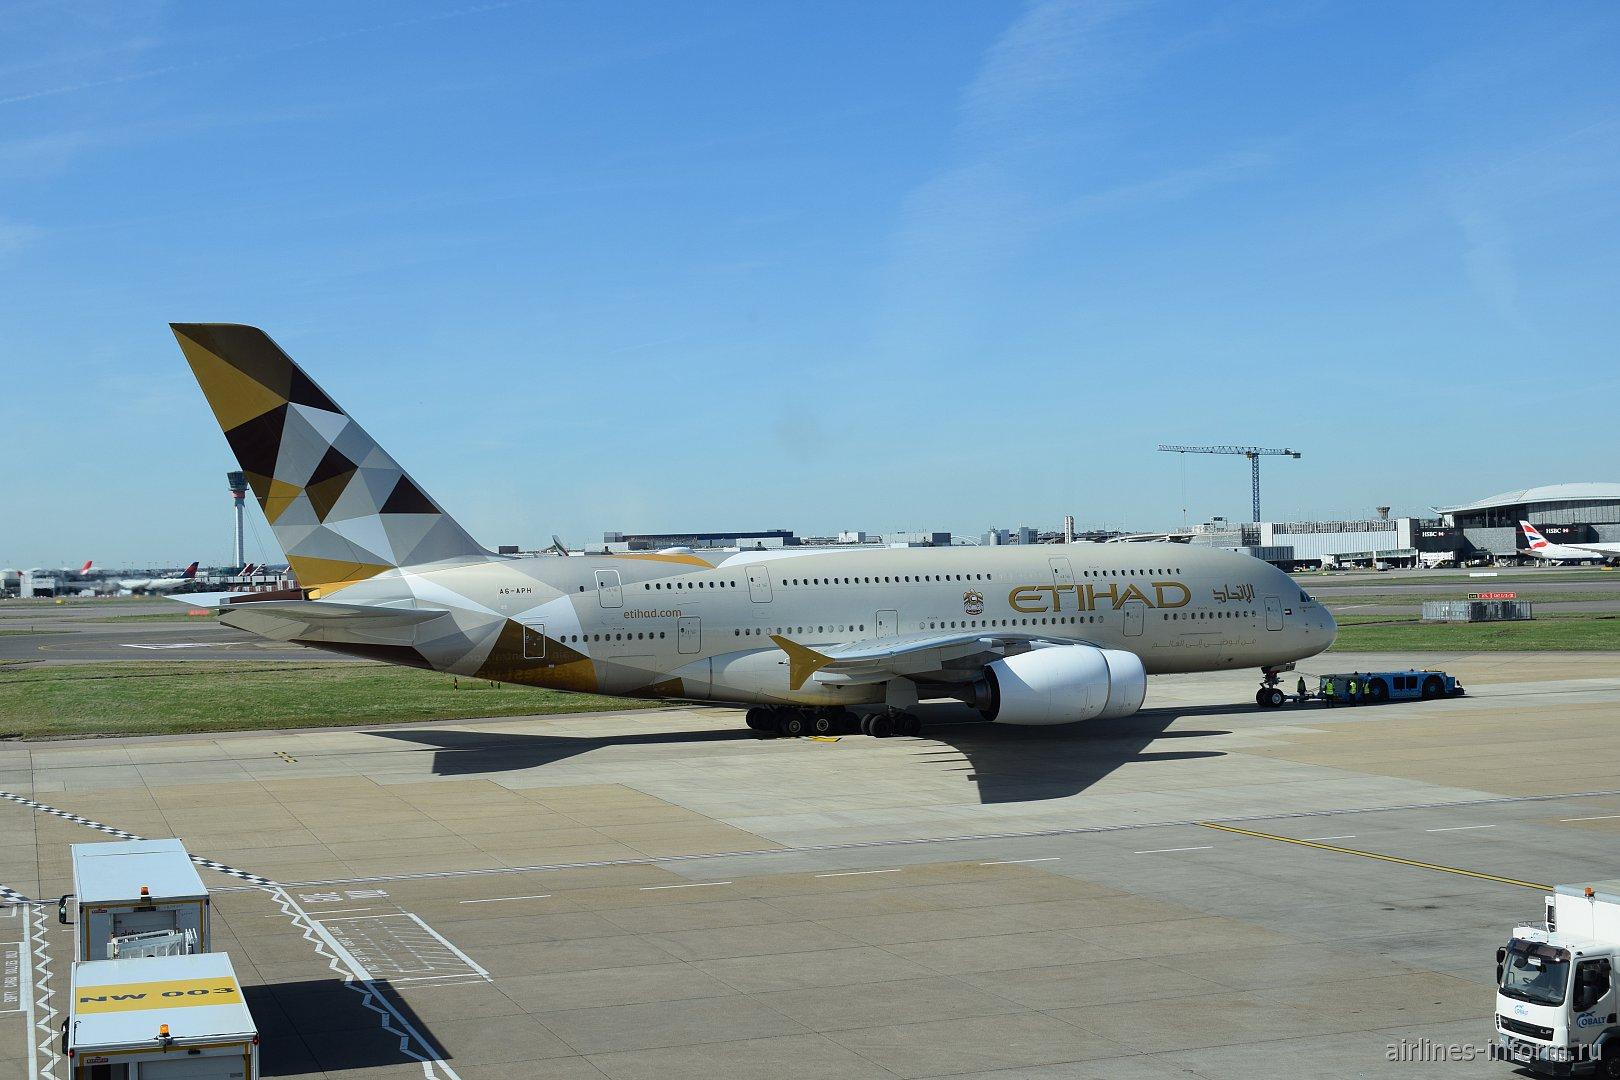 Airbus A380 авиакомпании Etihad Airways в аэропорту Лондон Хитроу